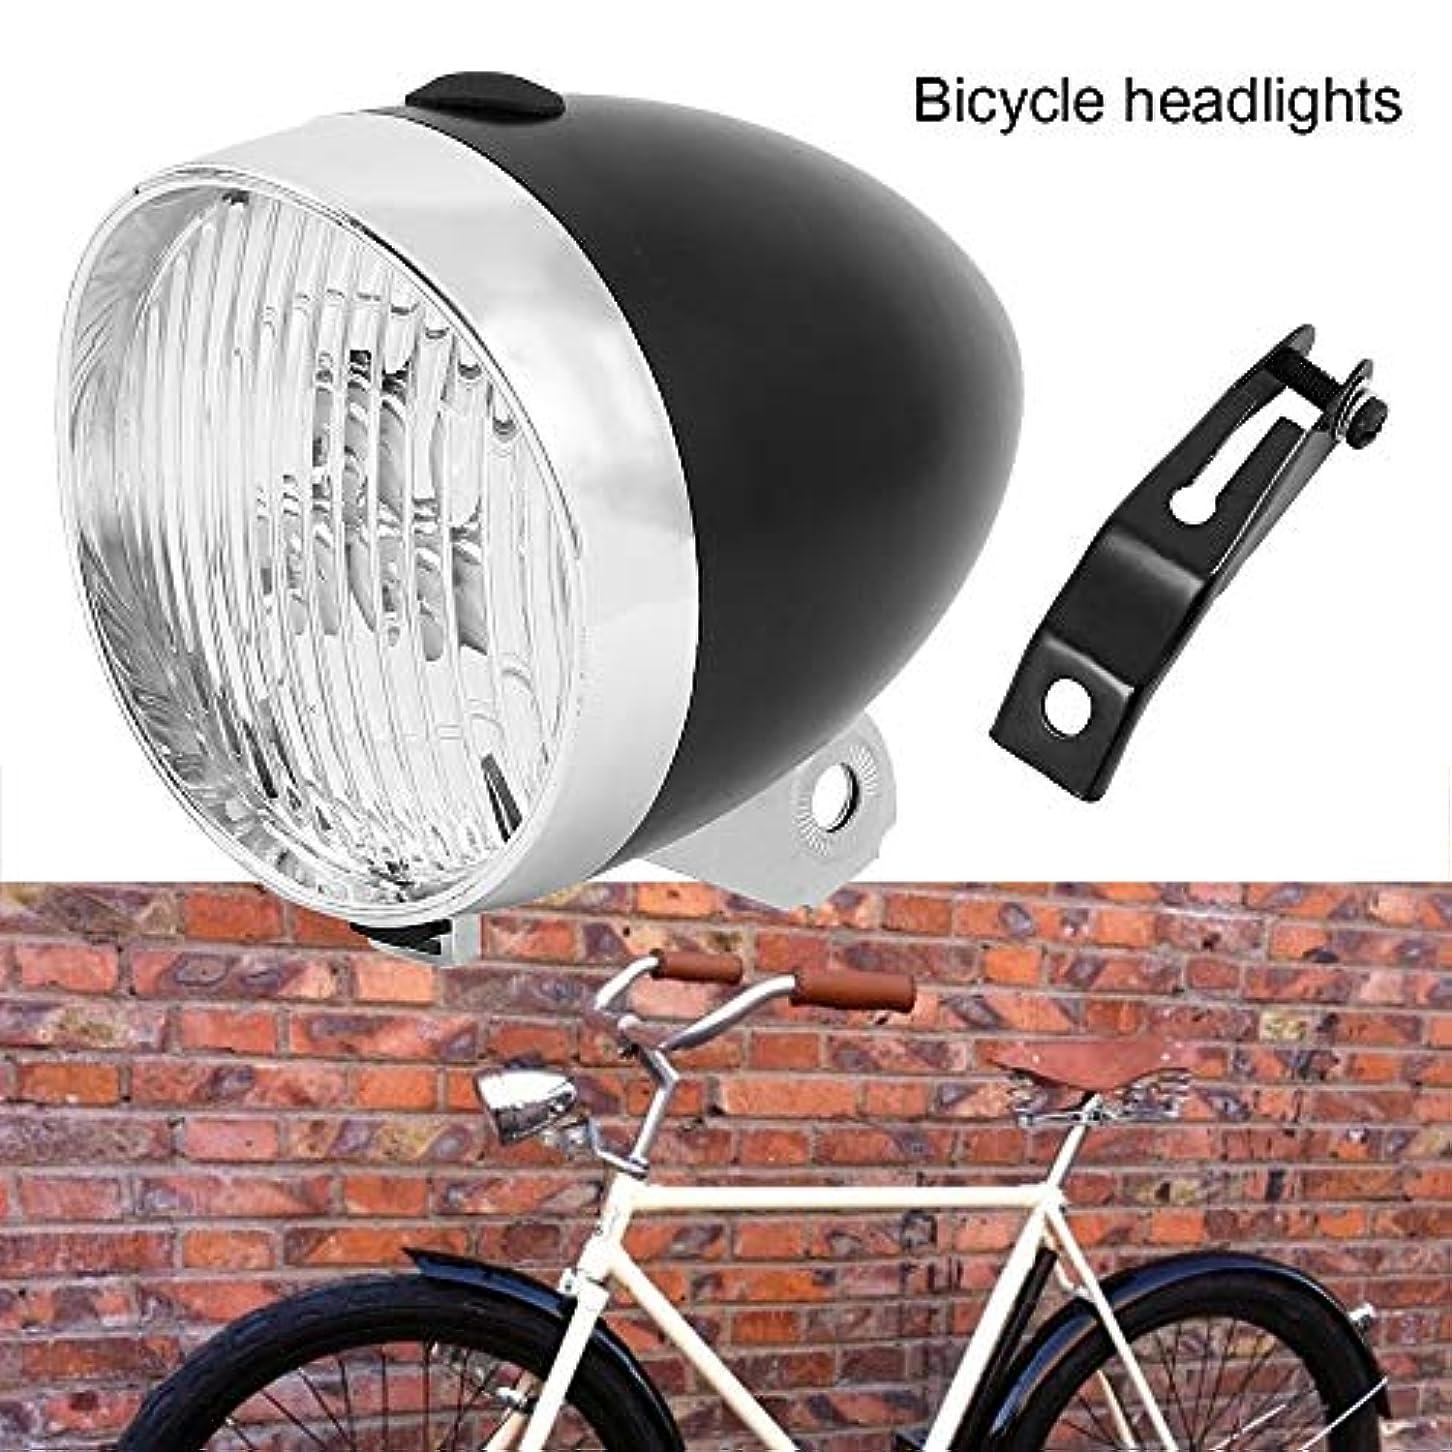 ピクニックをするアプローチ水っぽいFantasyRe自転車ライト LEDヘッドライト 自転車 ヘッドライト フロントライト LED 3灯 電池式 配線不要 明るい おしゃれ かっこいい レトロ 砲弾型 自転車ヘッド 簡単 取付 校園風 欧州風